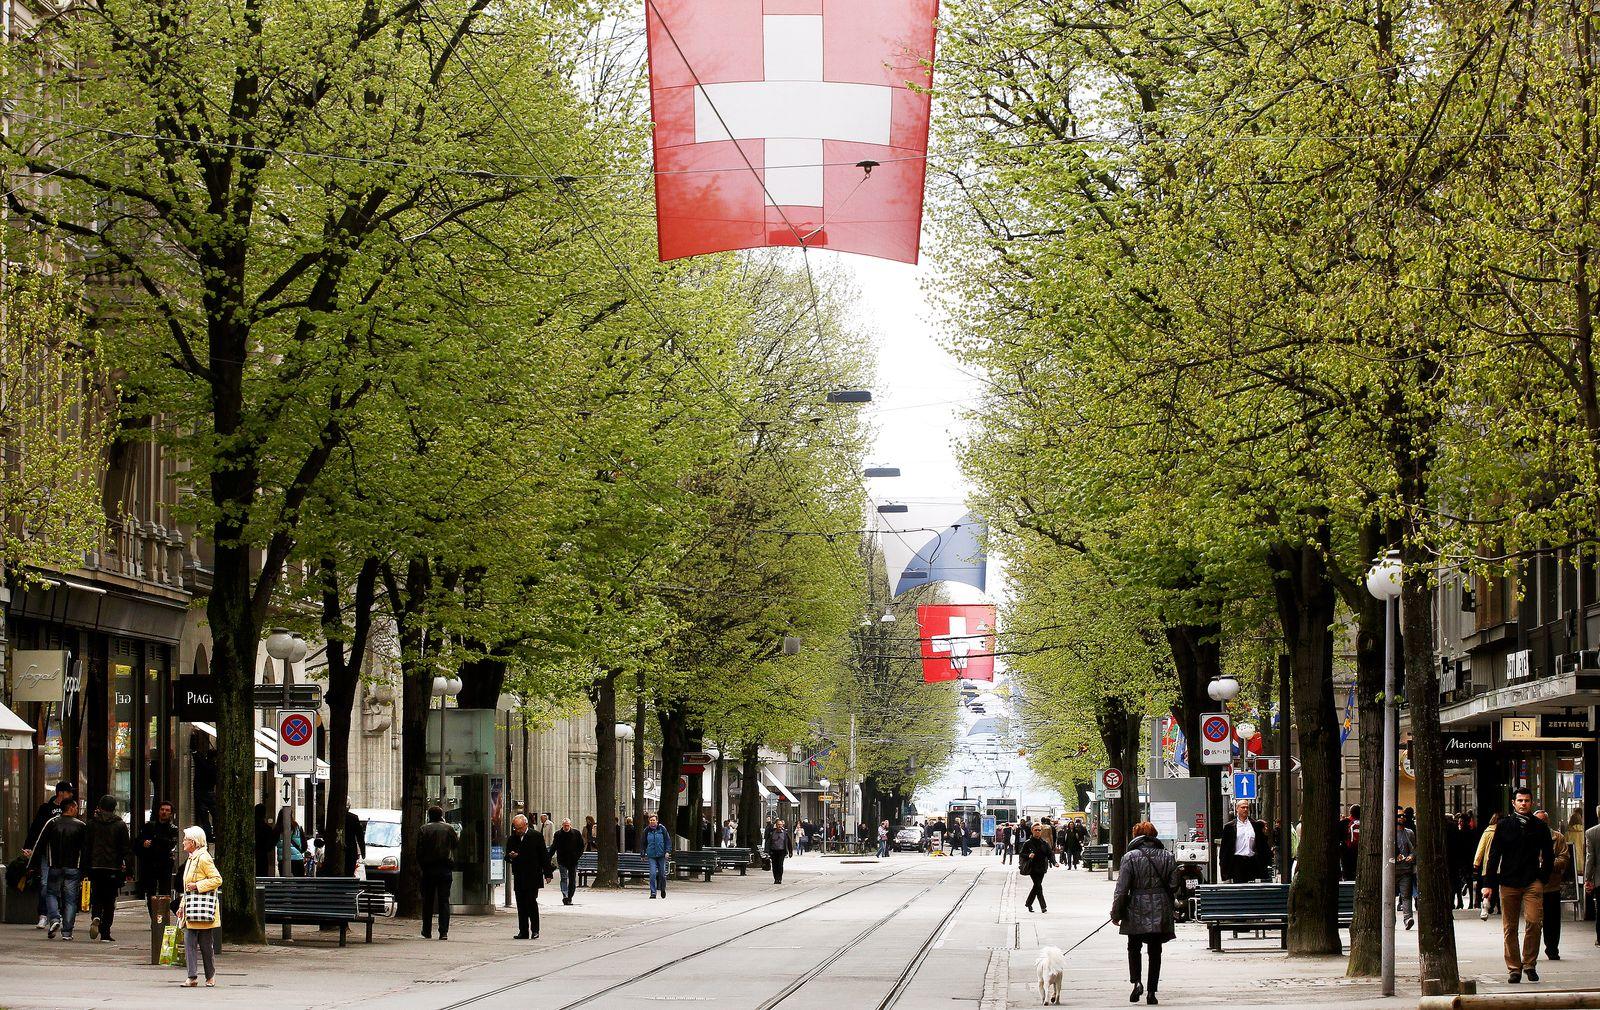 Schweiz / Fahne Flagge / Reich / Zürich / Passanten